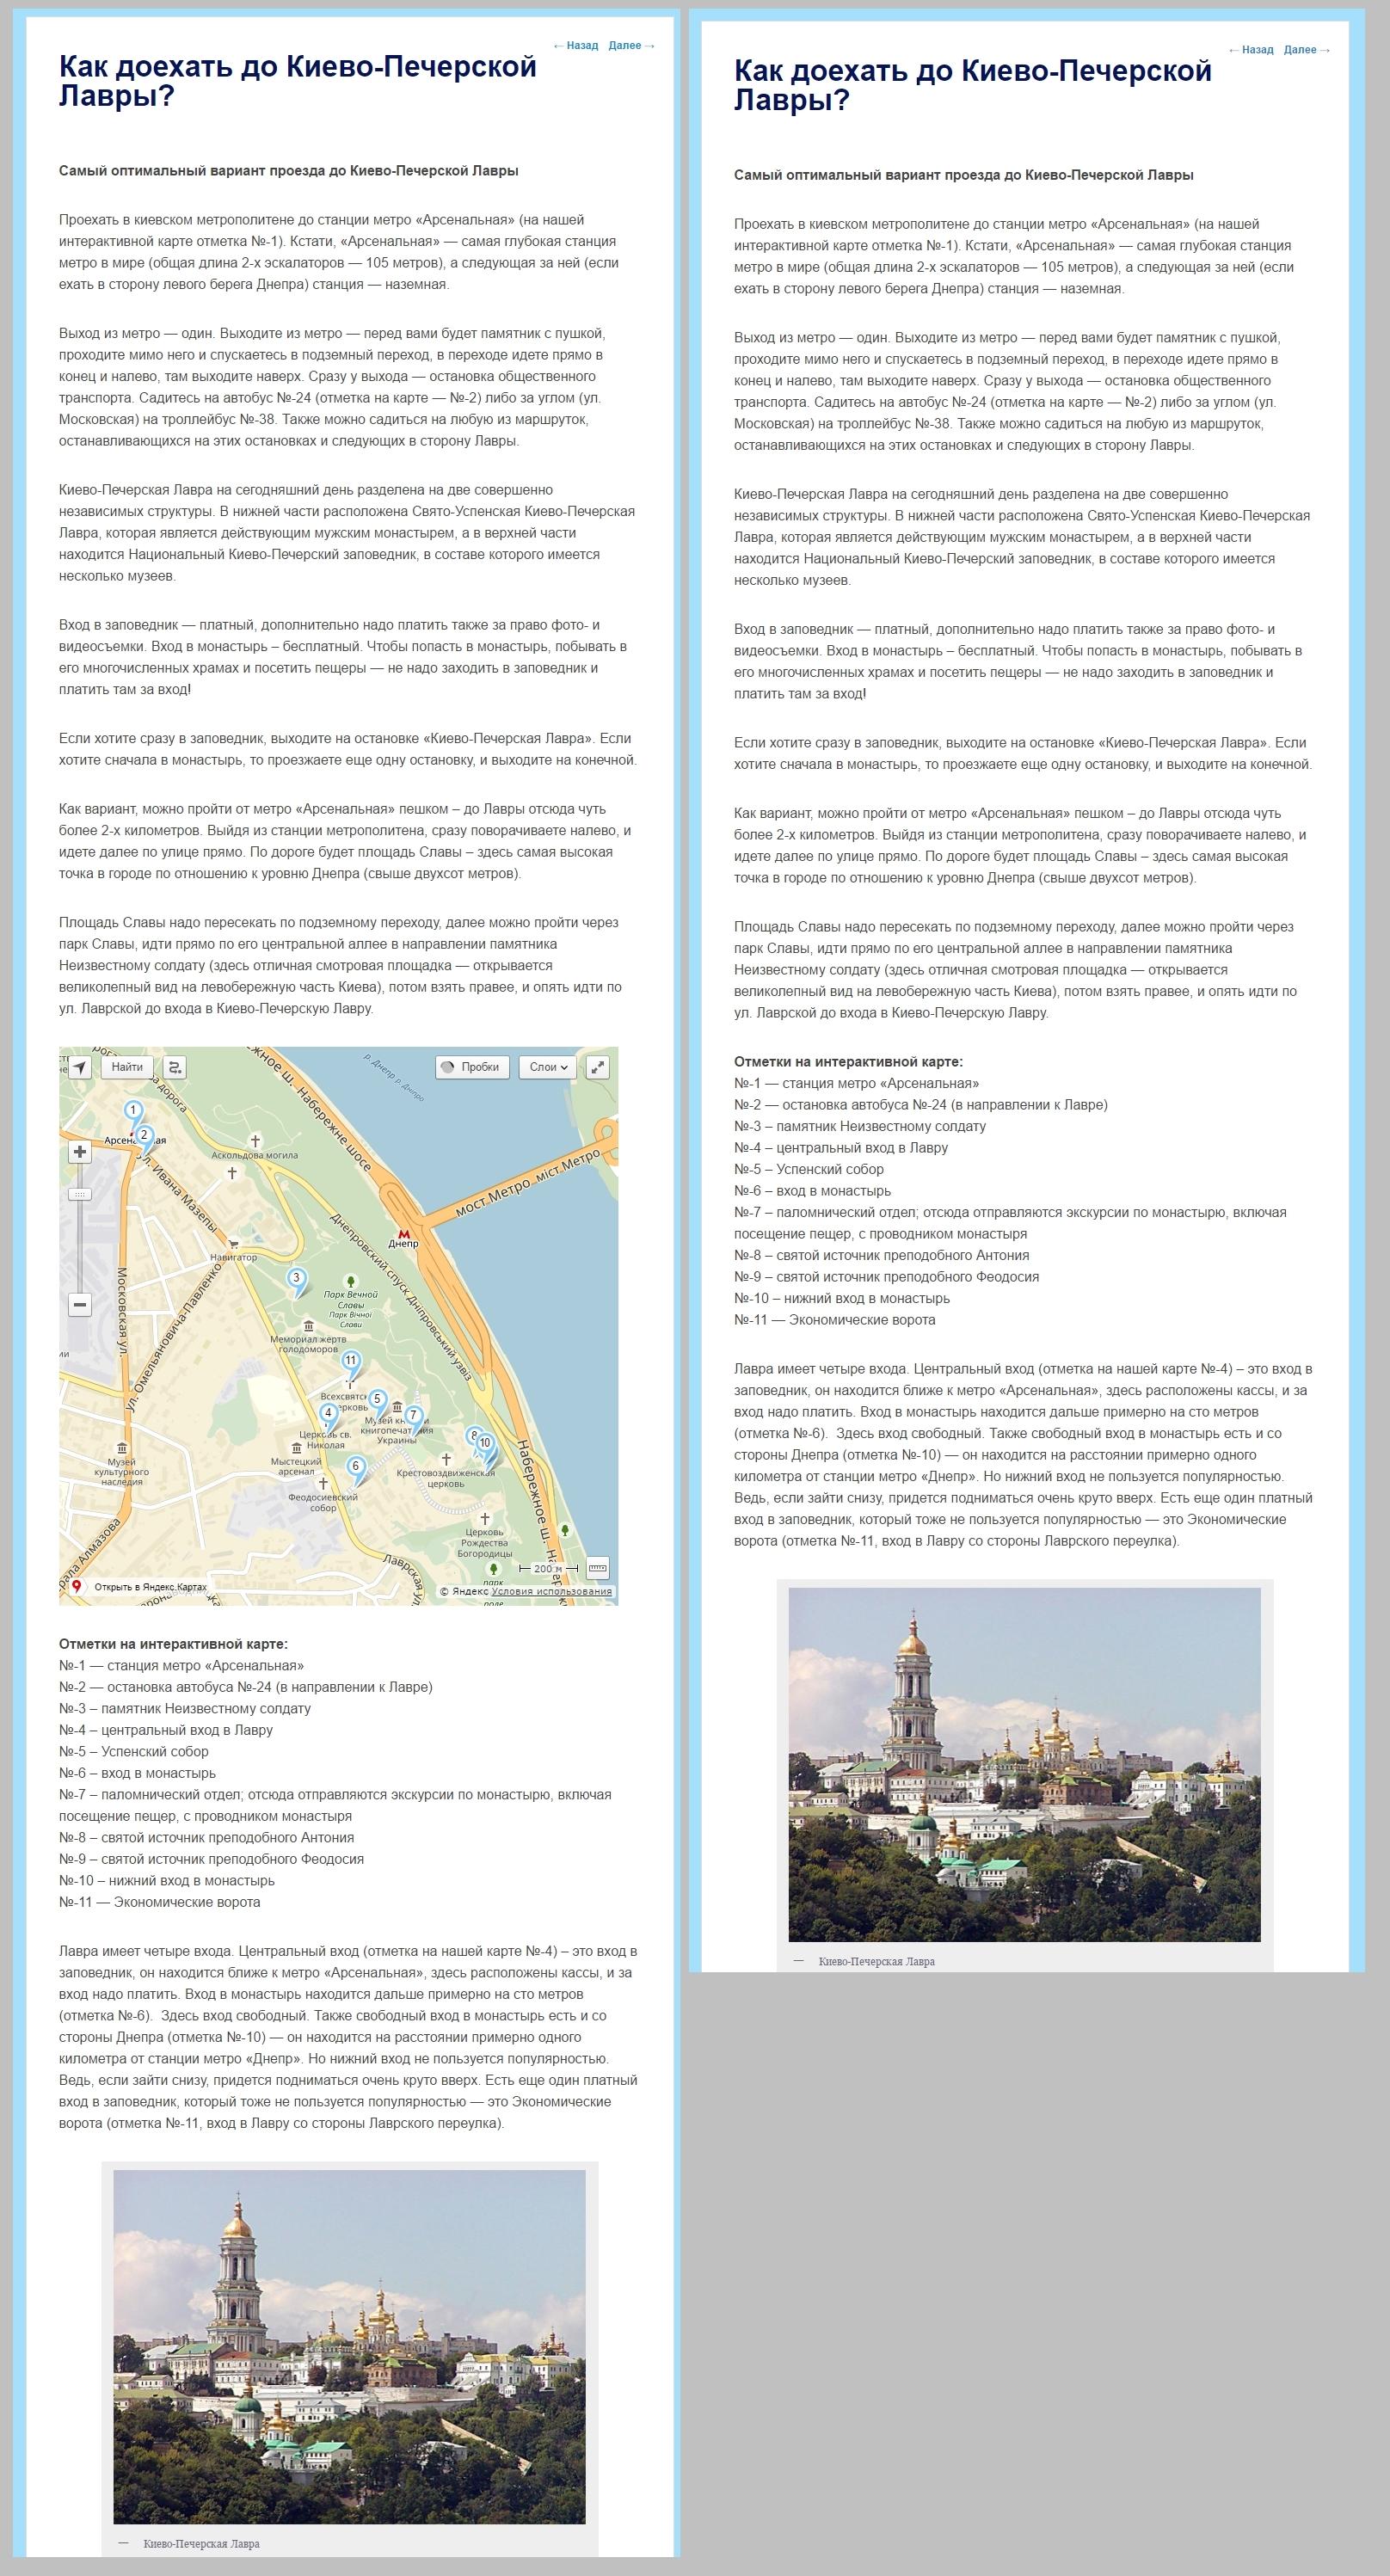 страницы сайта kievgid.org